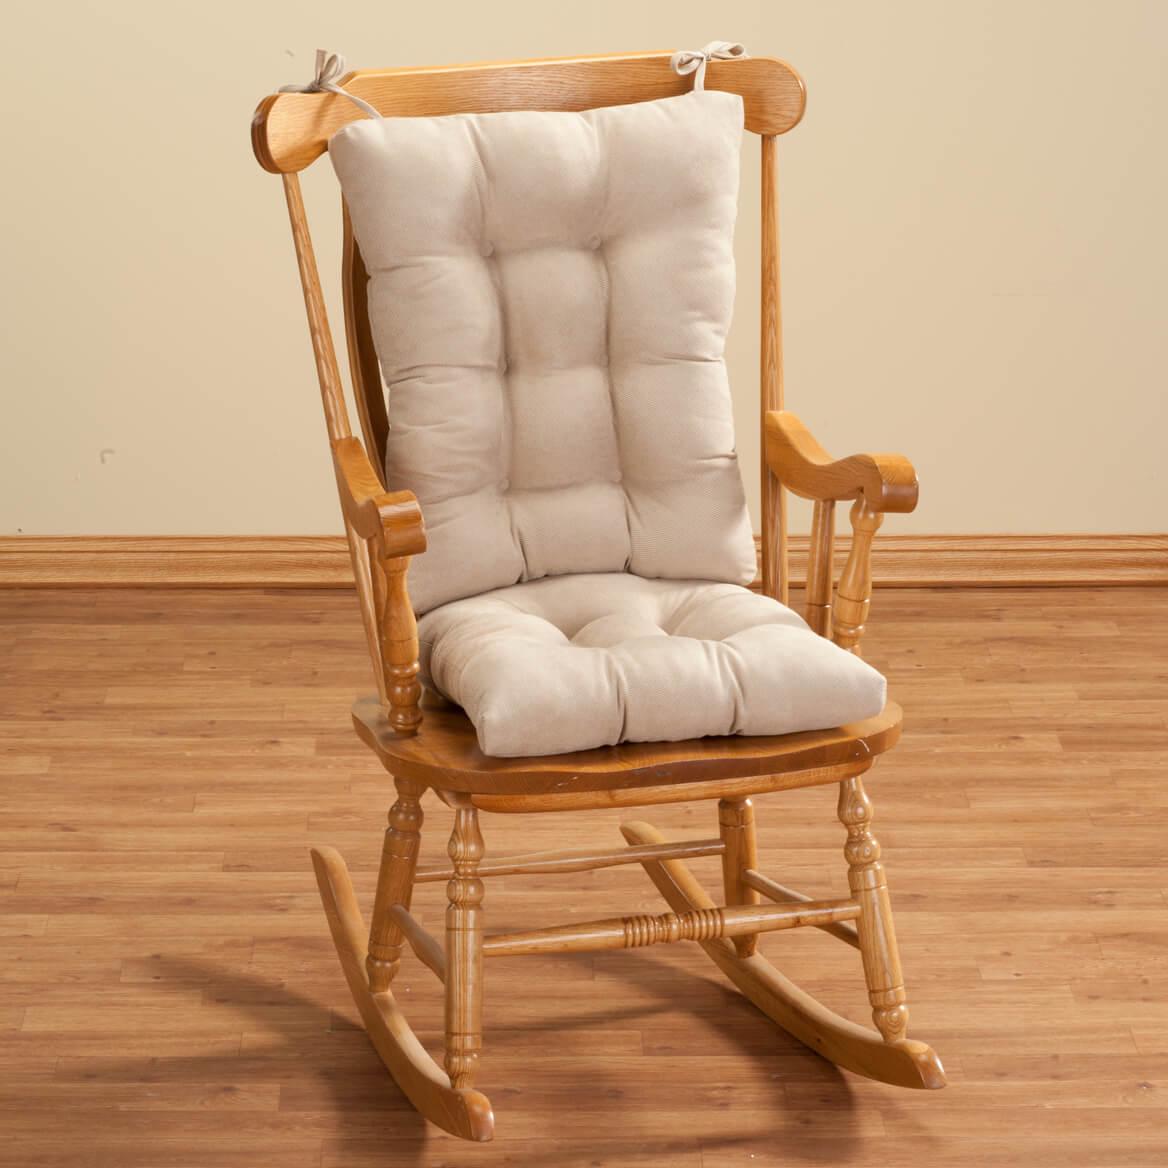 Twillo Rocking Chair Cushion Set & Twillo Rocking Chair Cushion Set - Rocking Chair Cushion - Miles Kimball